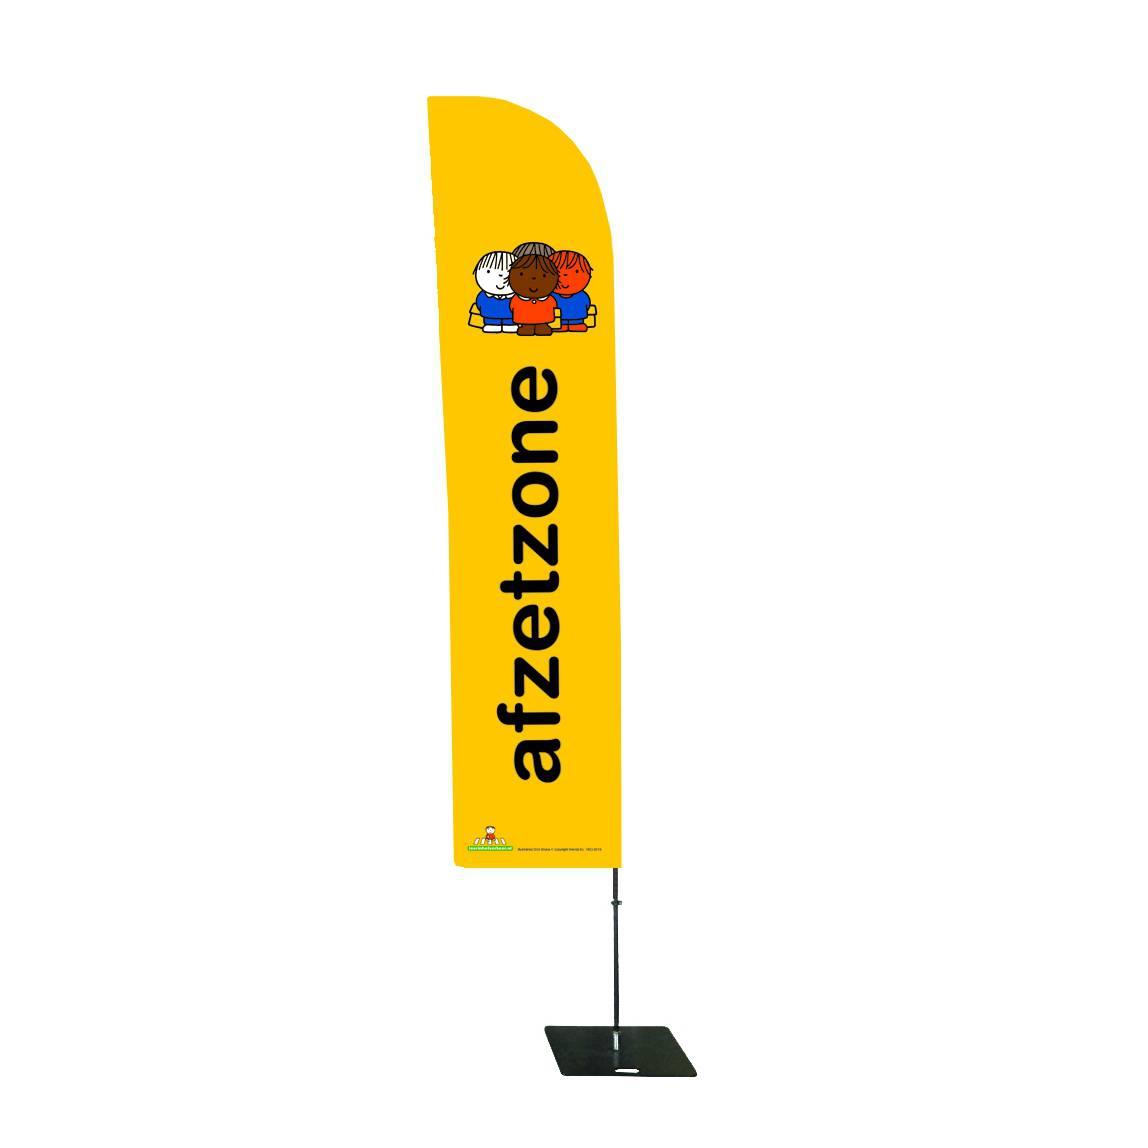 Gele vlag die neer kan zetten om aan te geven waar kinderen moeten verzamelen voor de school of de ingang van een voetbalclub of hockeyclub zodat ouders kind kunnen overdragen aan trainer leerkracht of begeleider